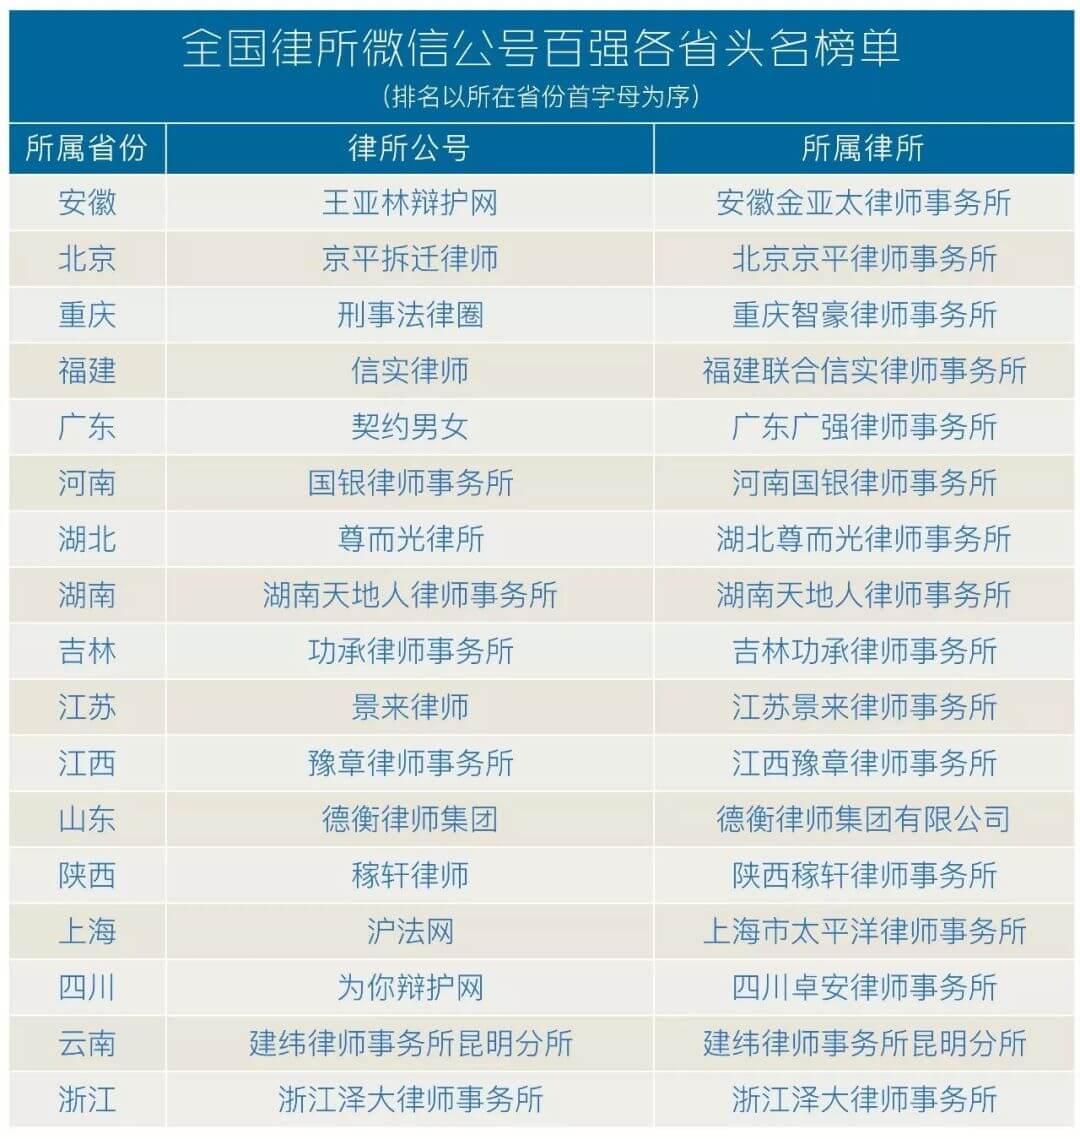 """""""泽大律师事务所""""微信公众号,居全国律所榜单第35位,列浙江律所榜首。"""